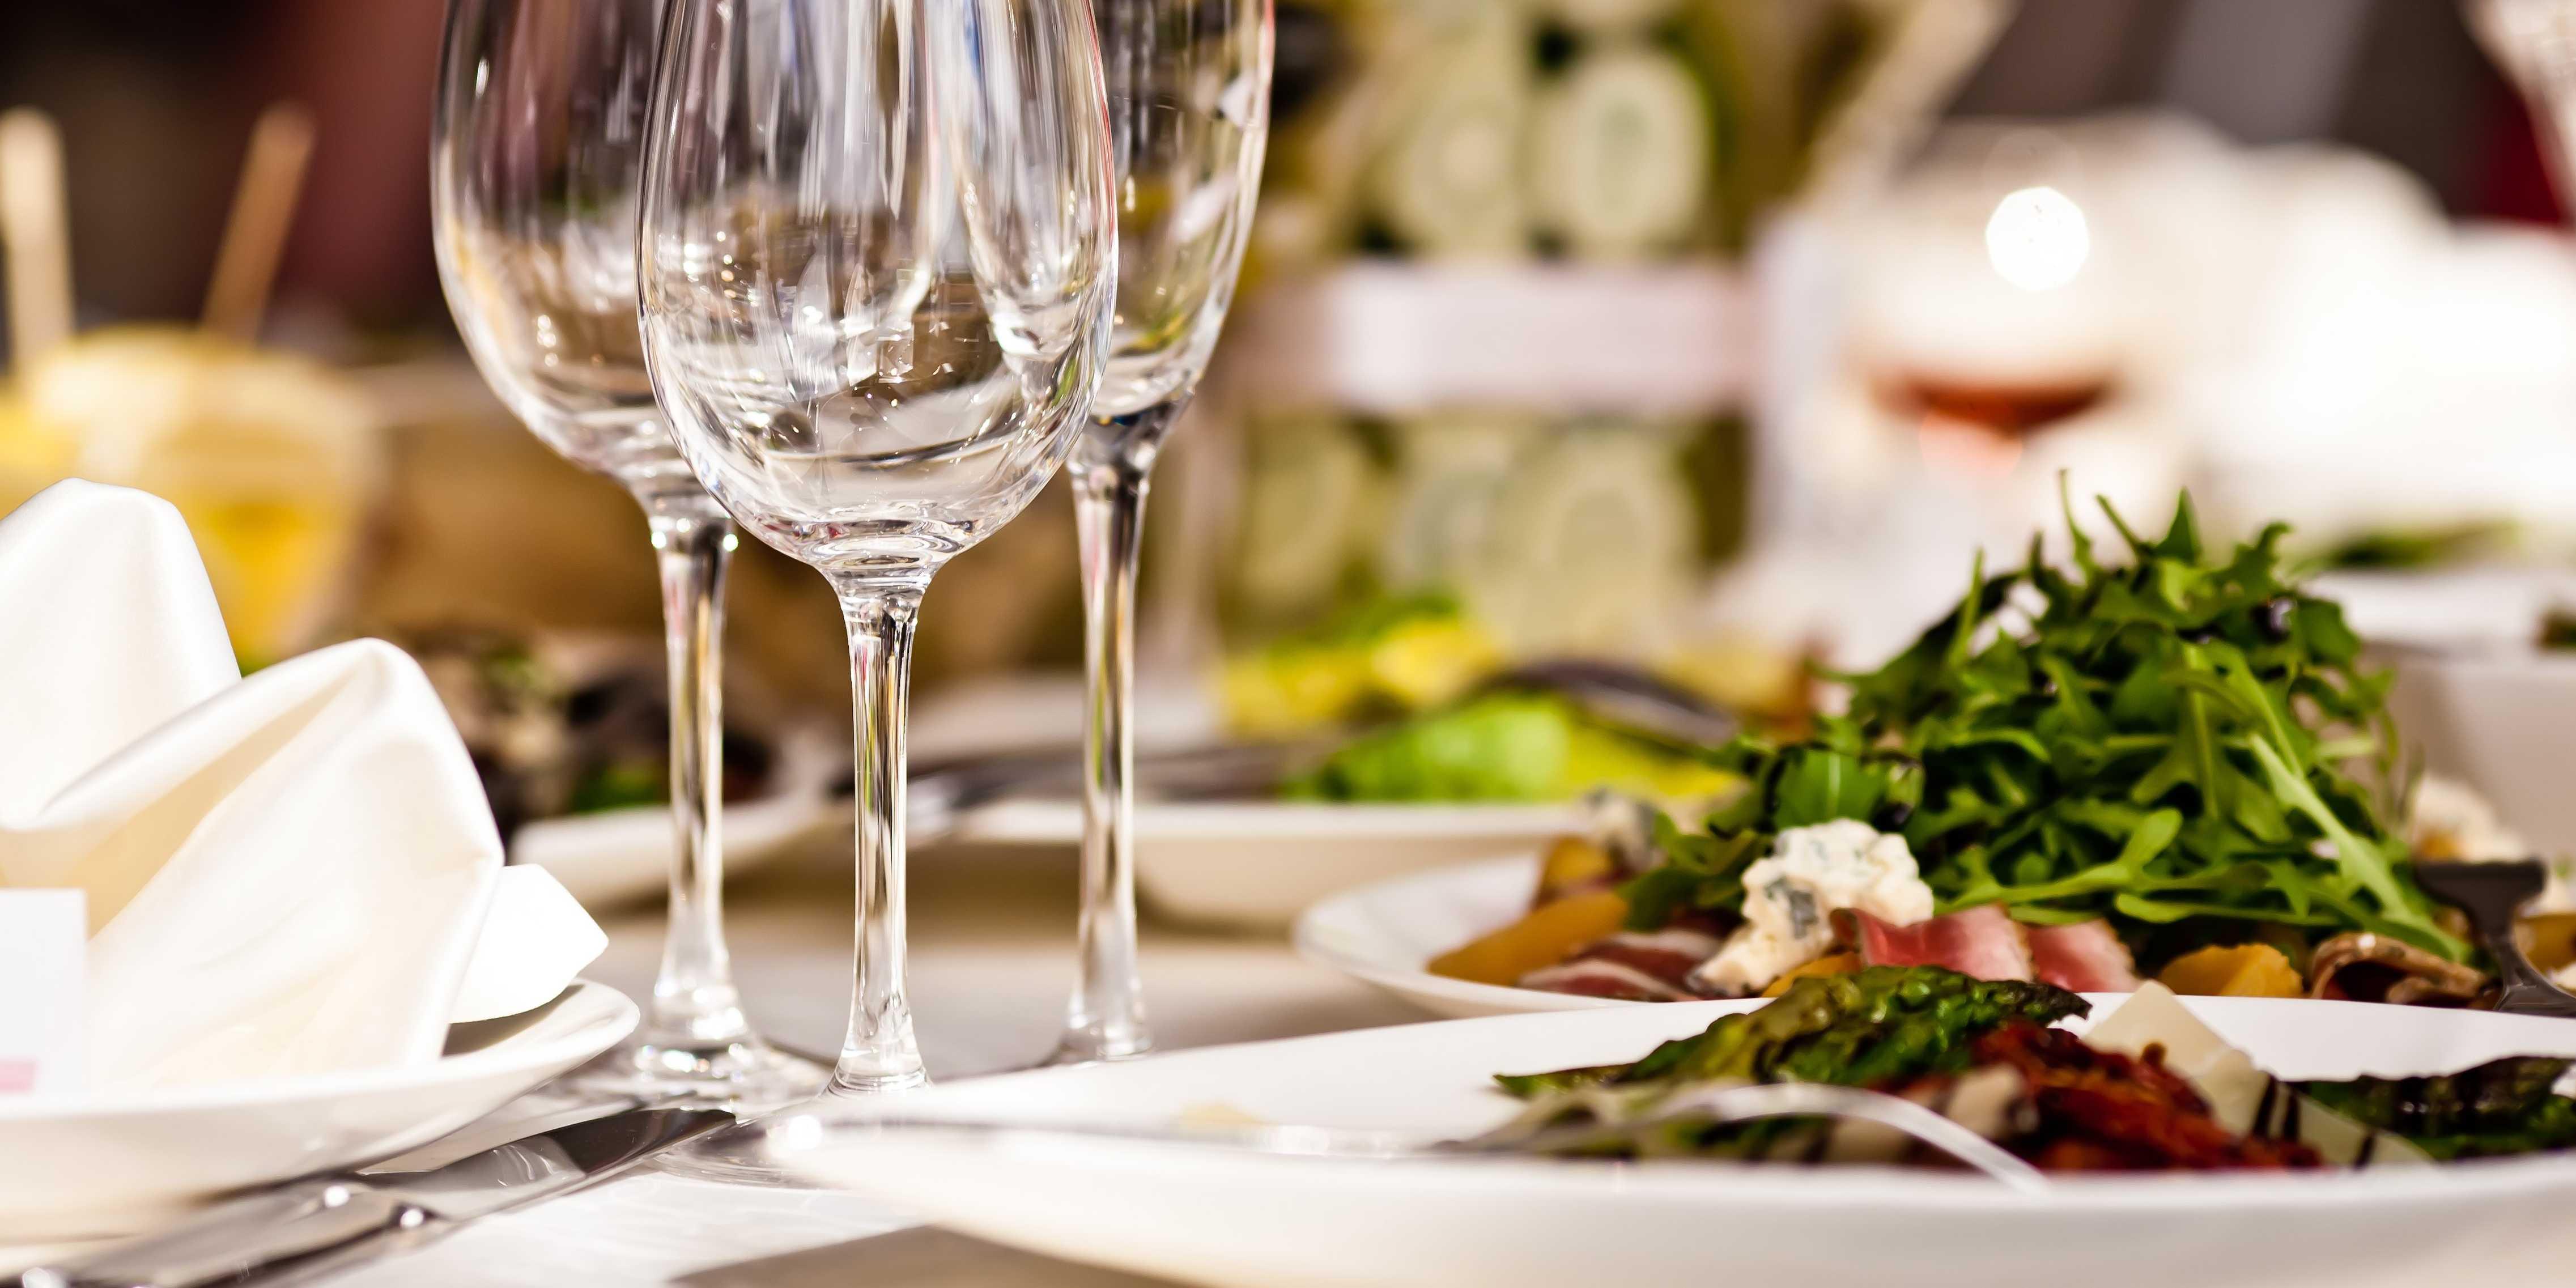 những điều kiện làm nên sự thành công khi kinh doanh quán ăn